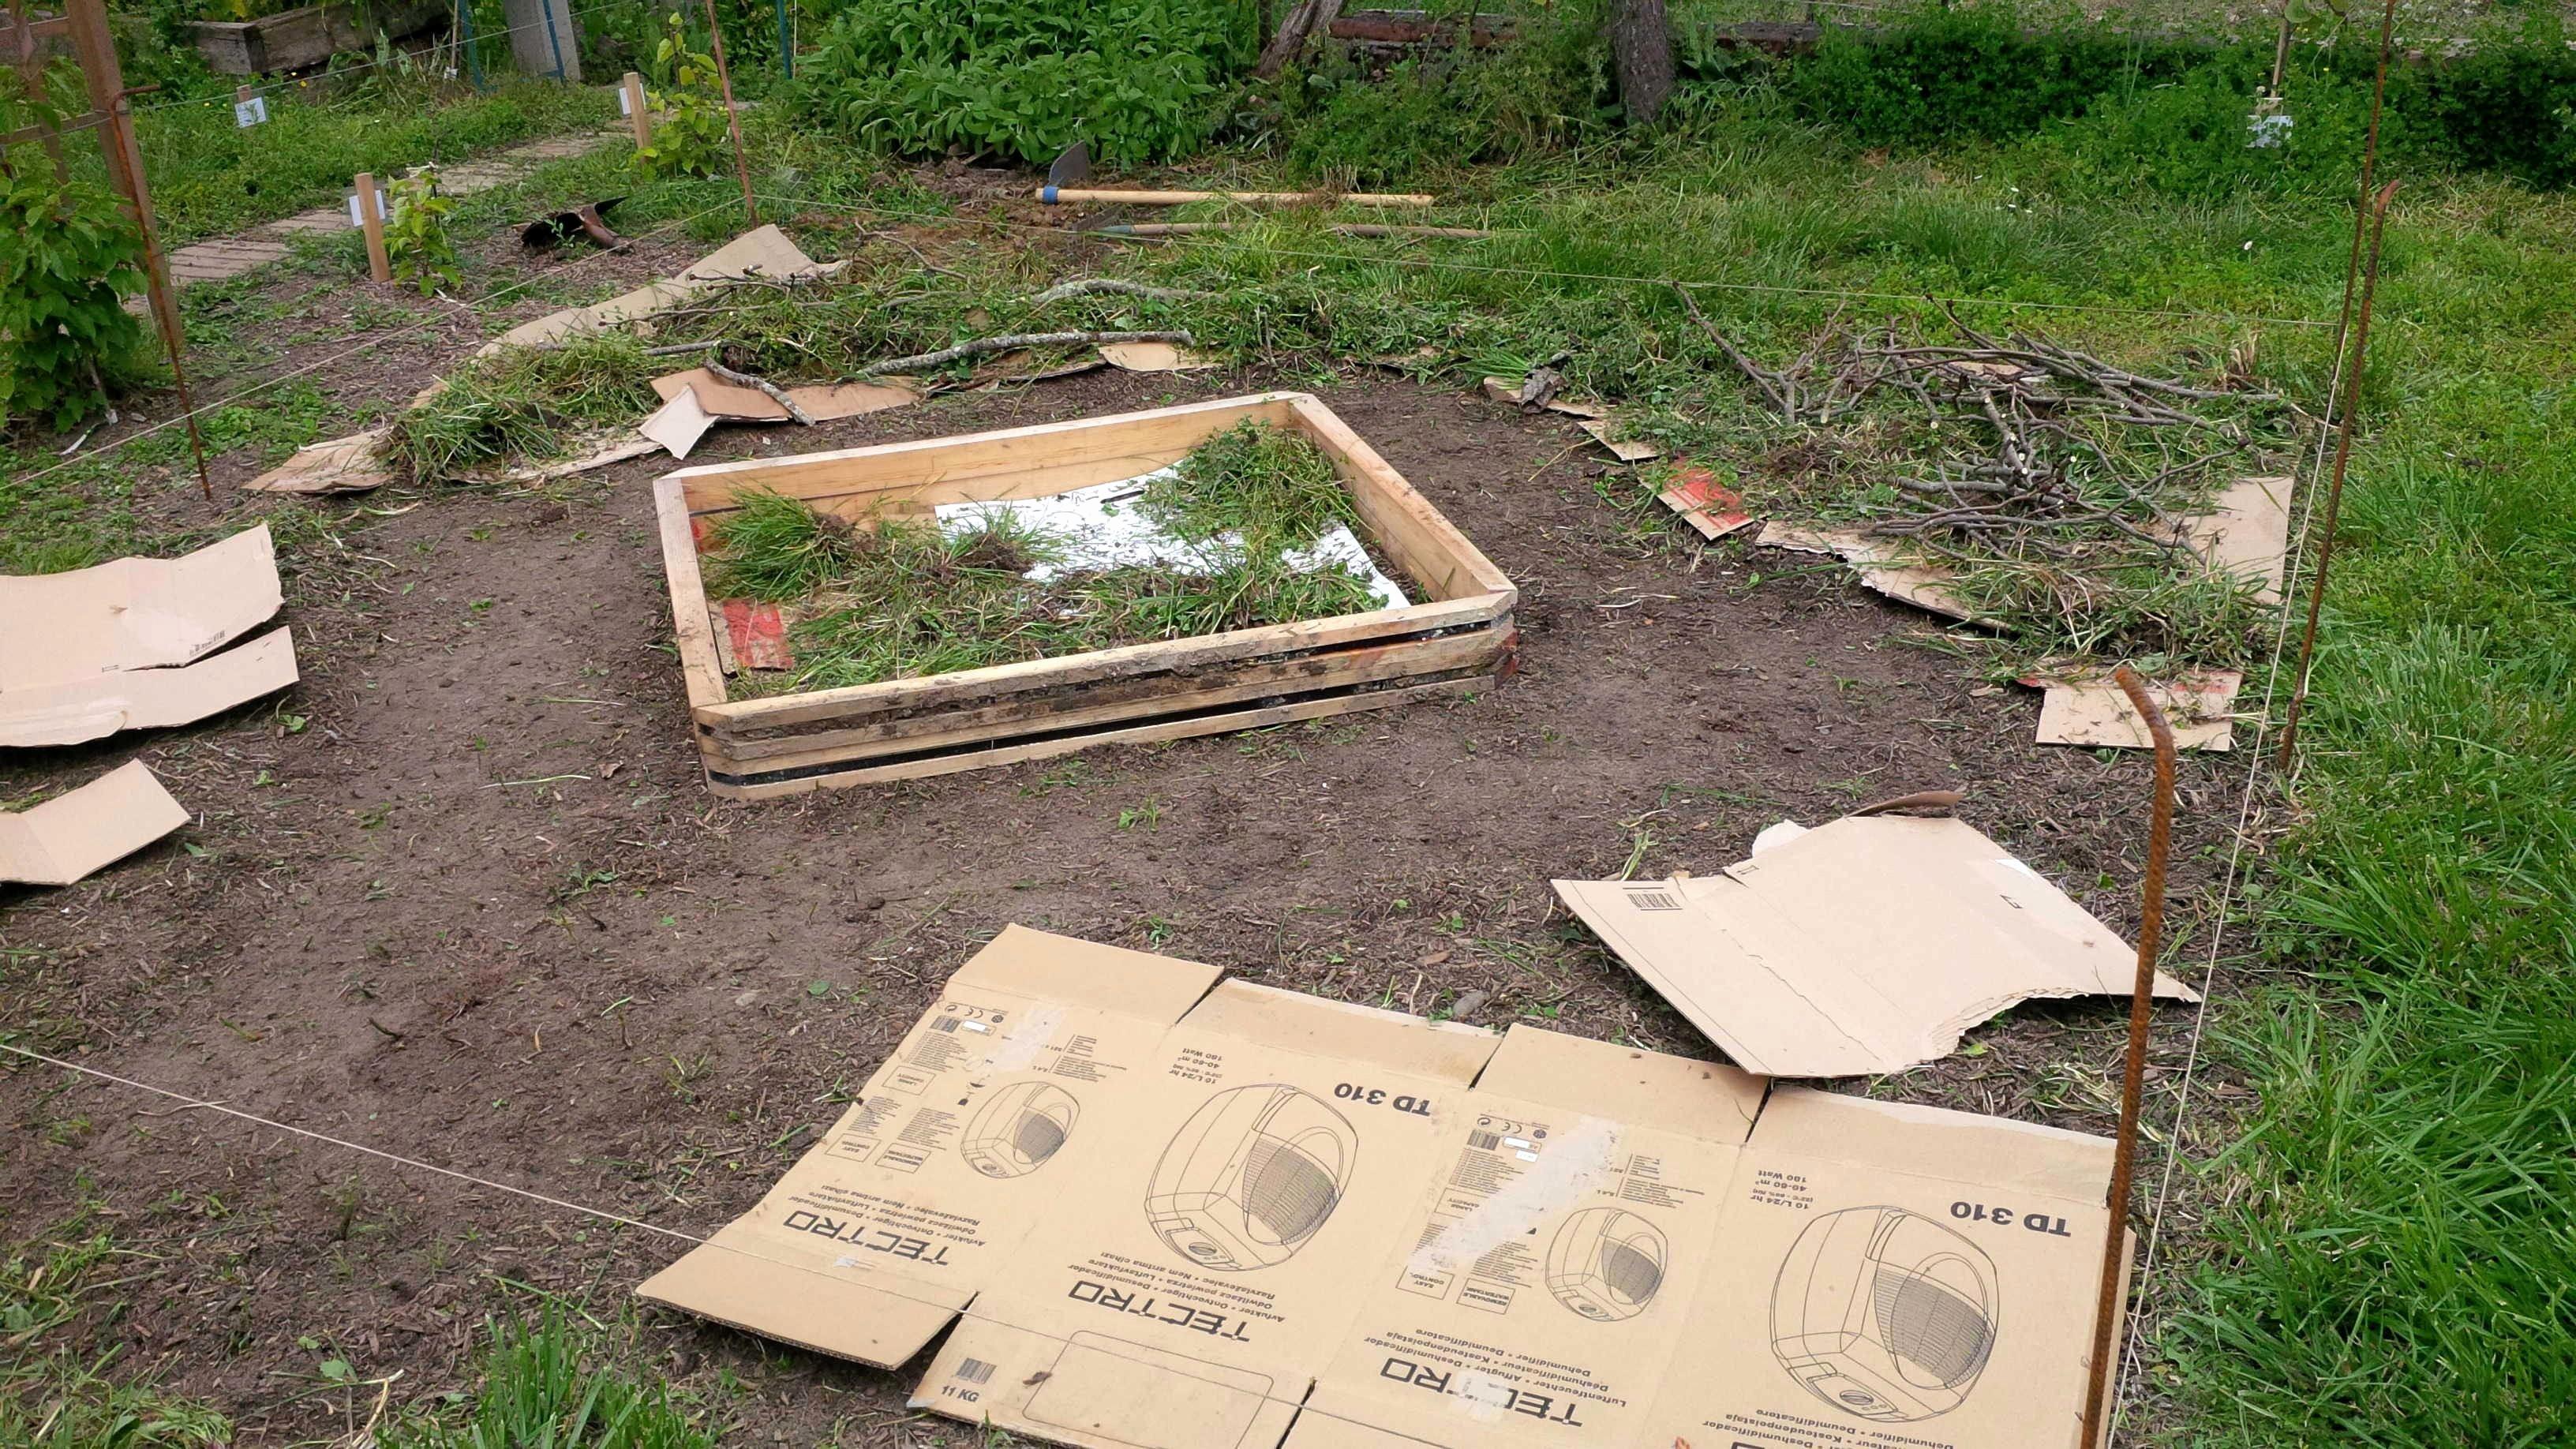 Castorama Bordure Jardin Impressionnant Photos La Plus De Emotionnant Abri Jardin Castorama Mod¨le – Sullivanmaxx